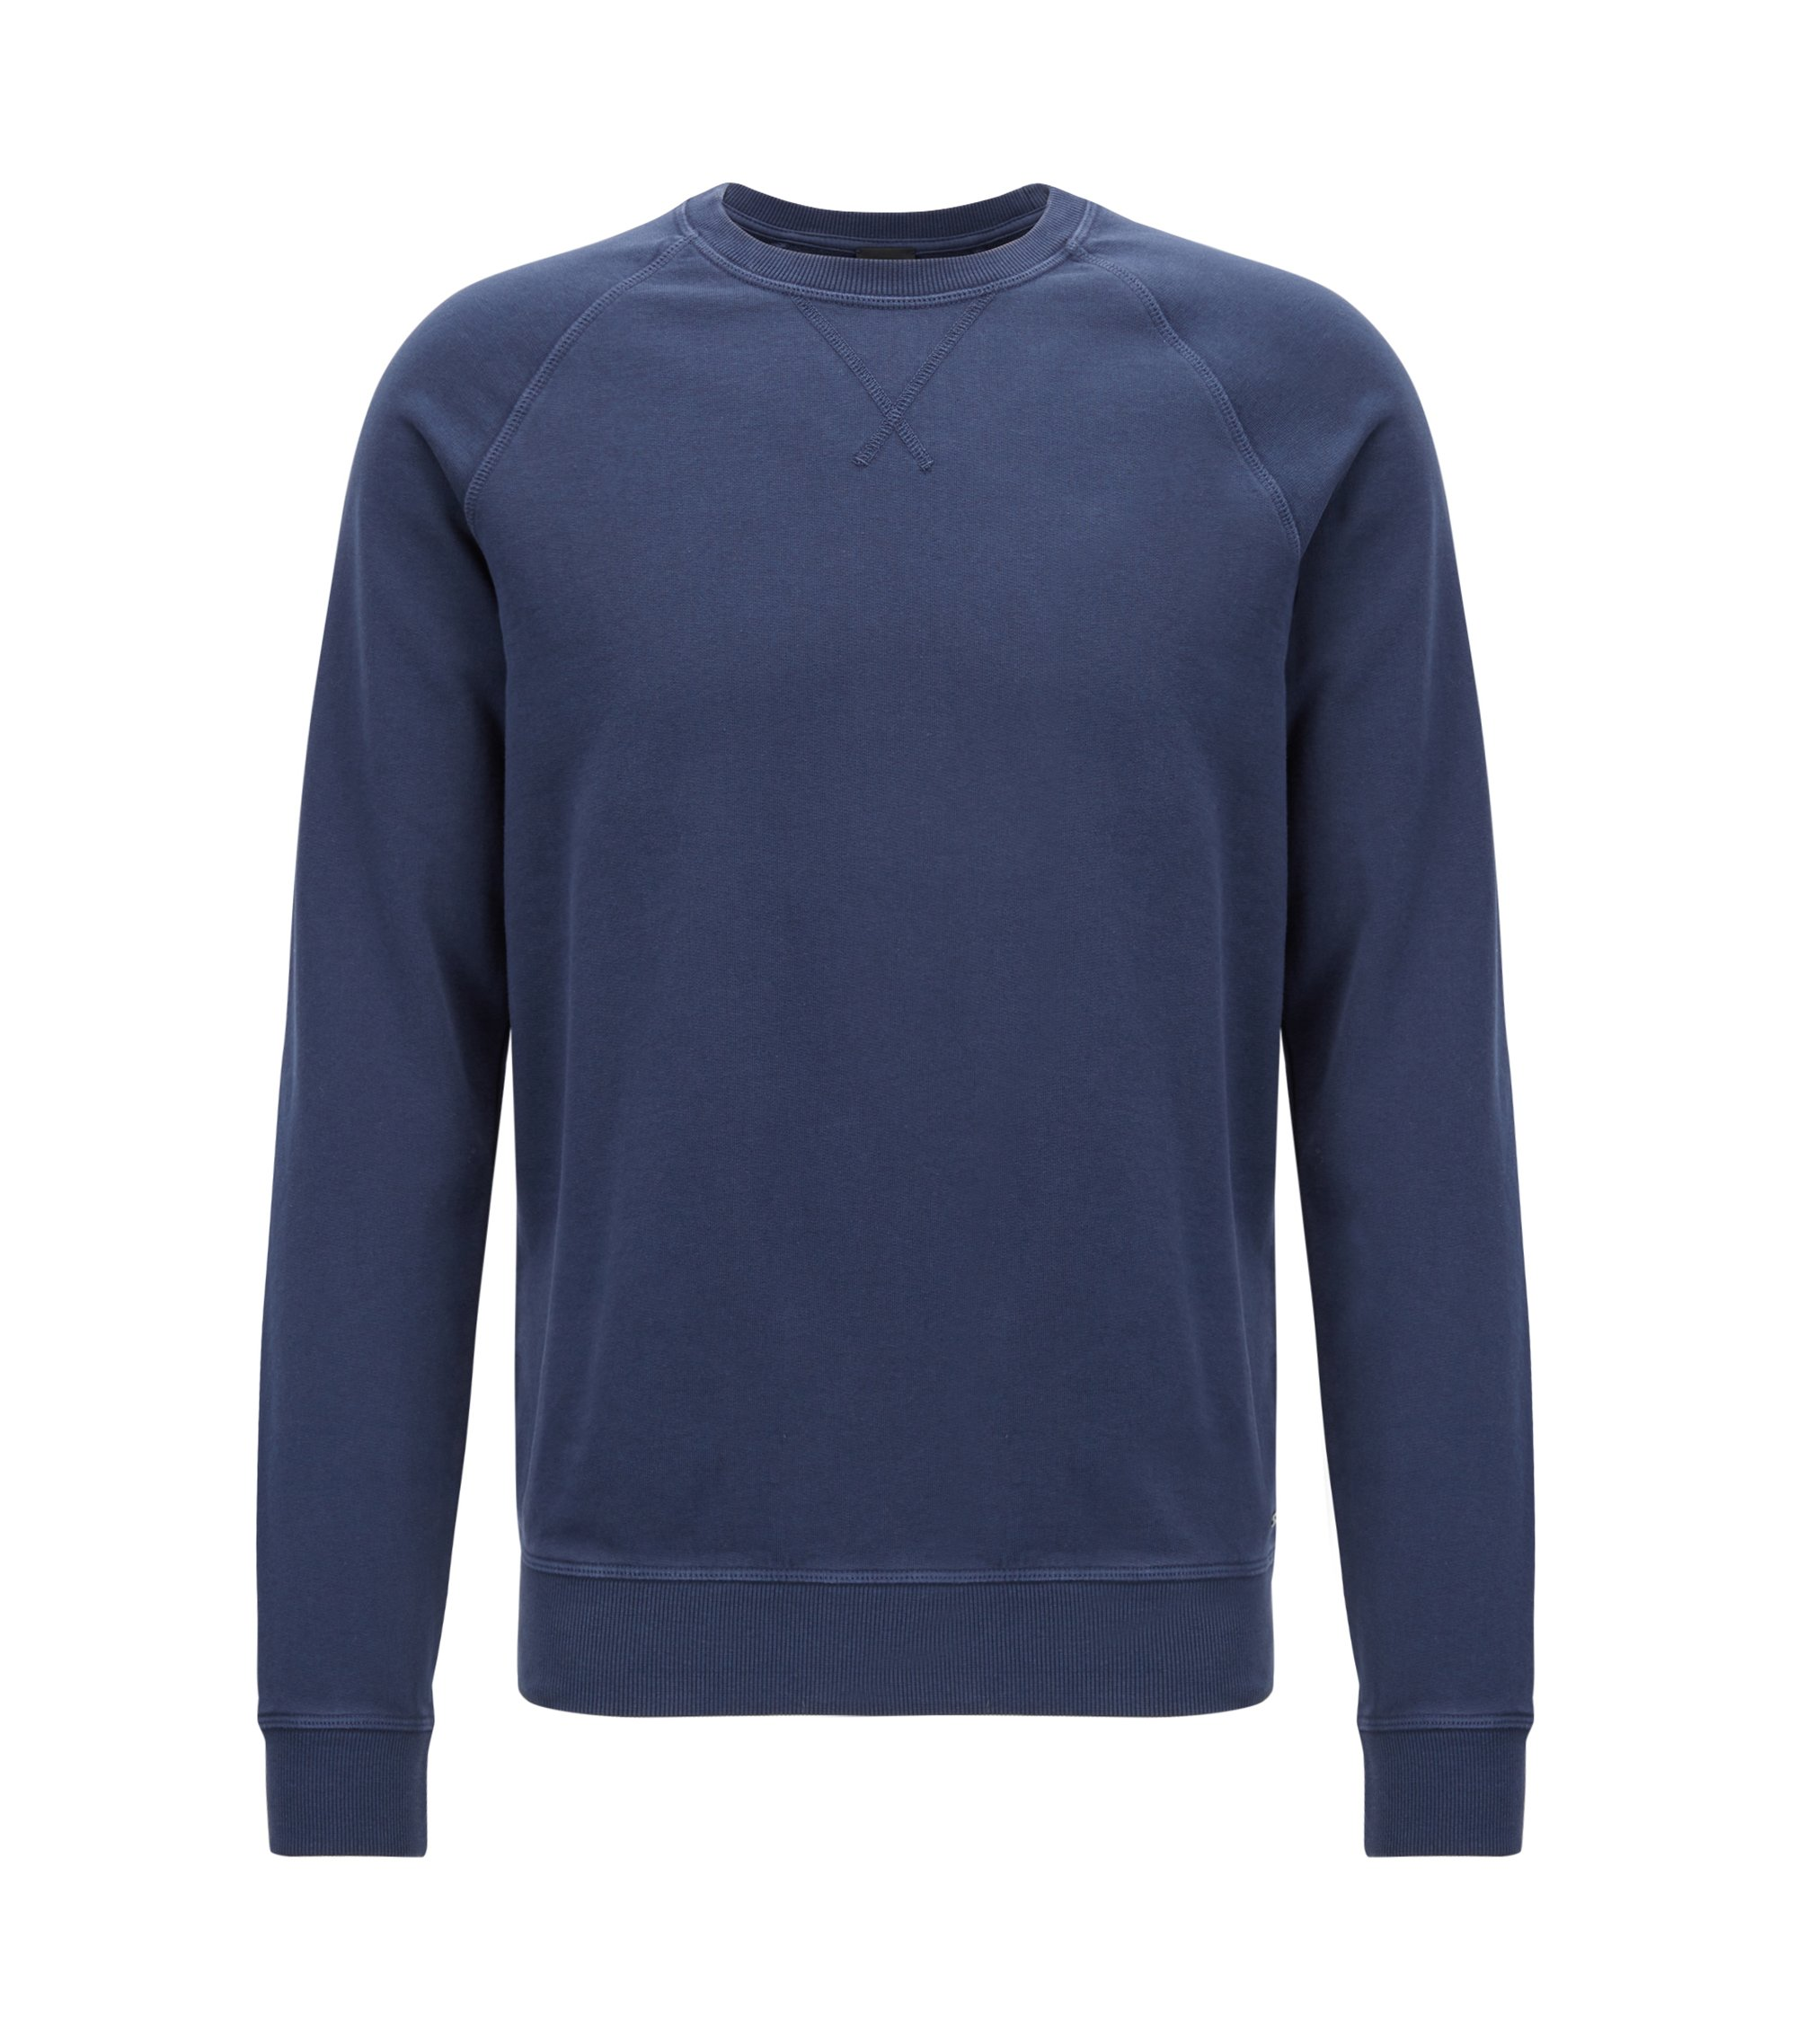 Sweatshirt met ronde hals van katoenen single jersey, Donkerblauw